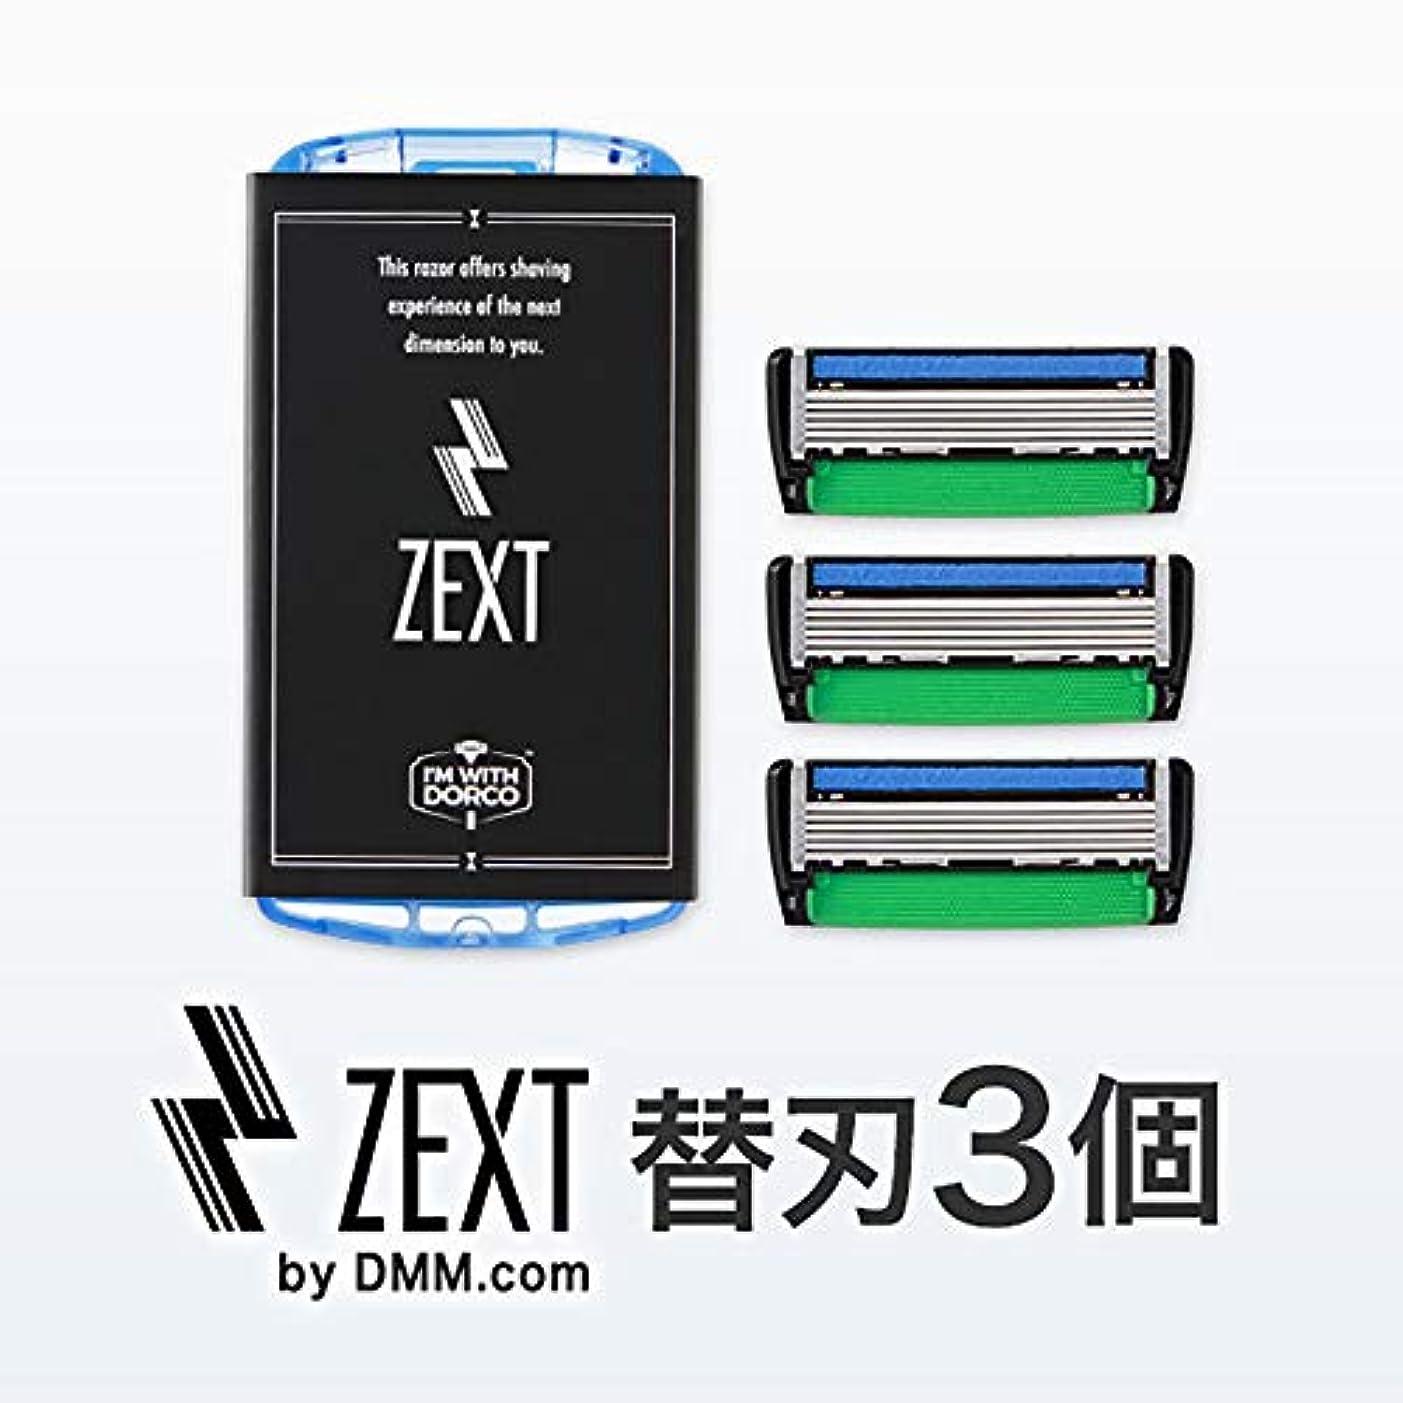 兄偽造作業ZEXT 6枚刃カミソリ 替刃3個入